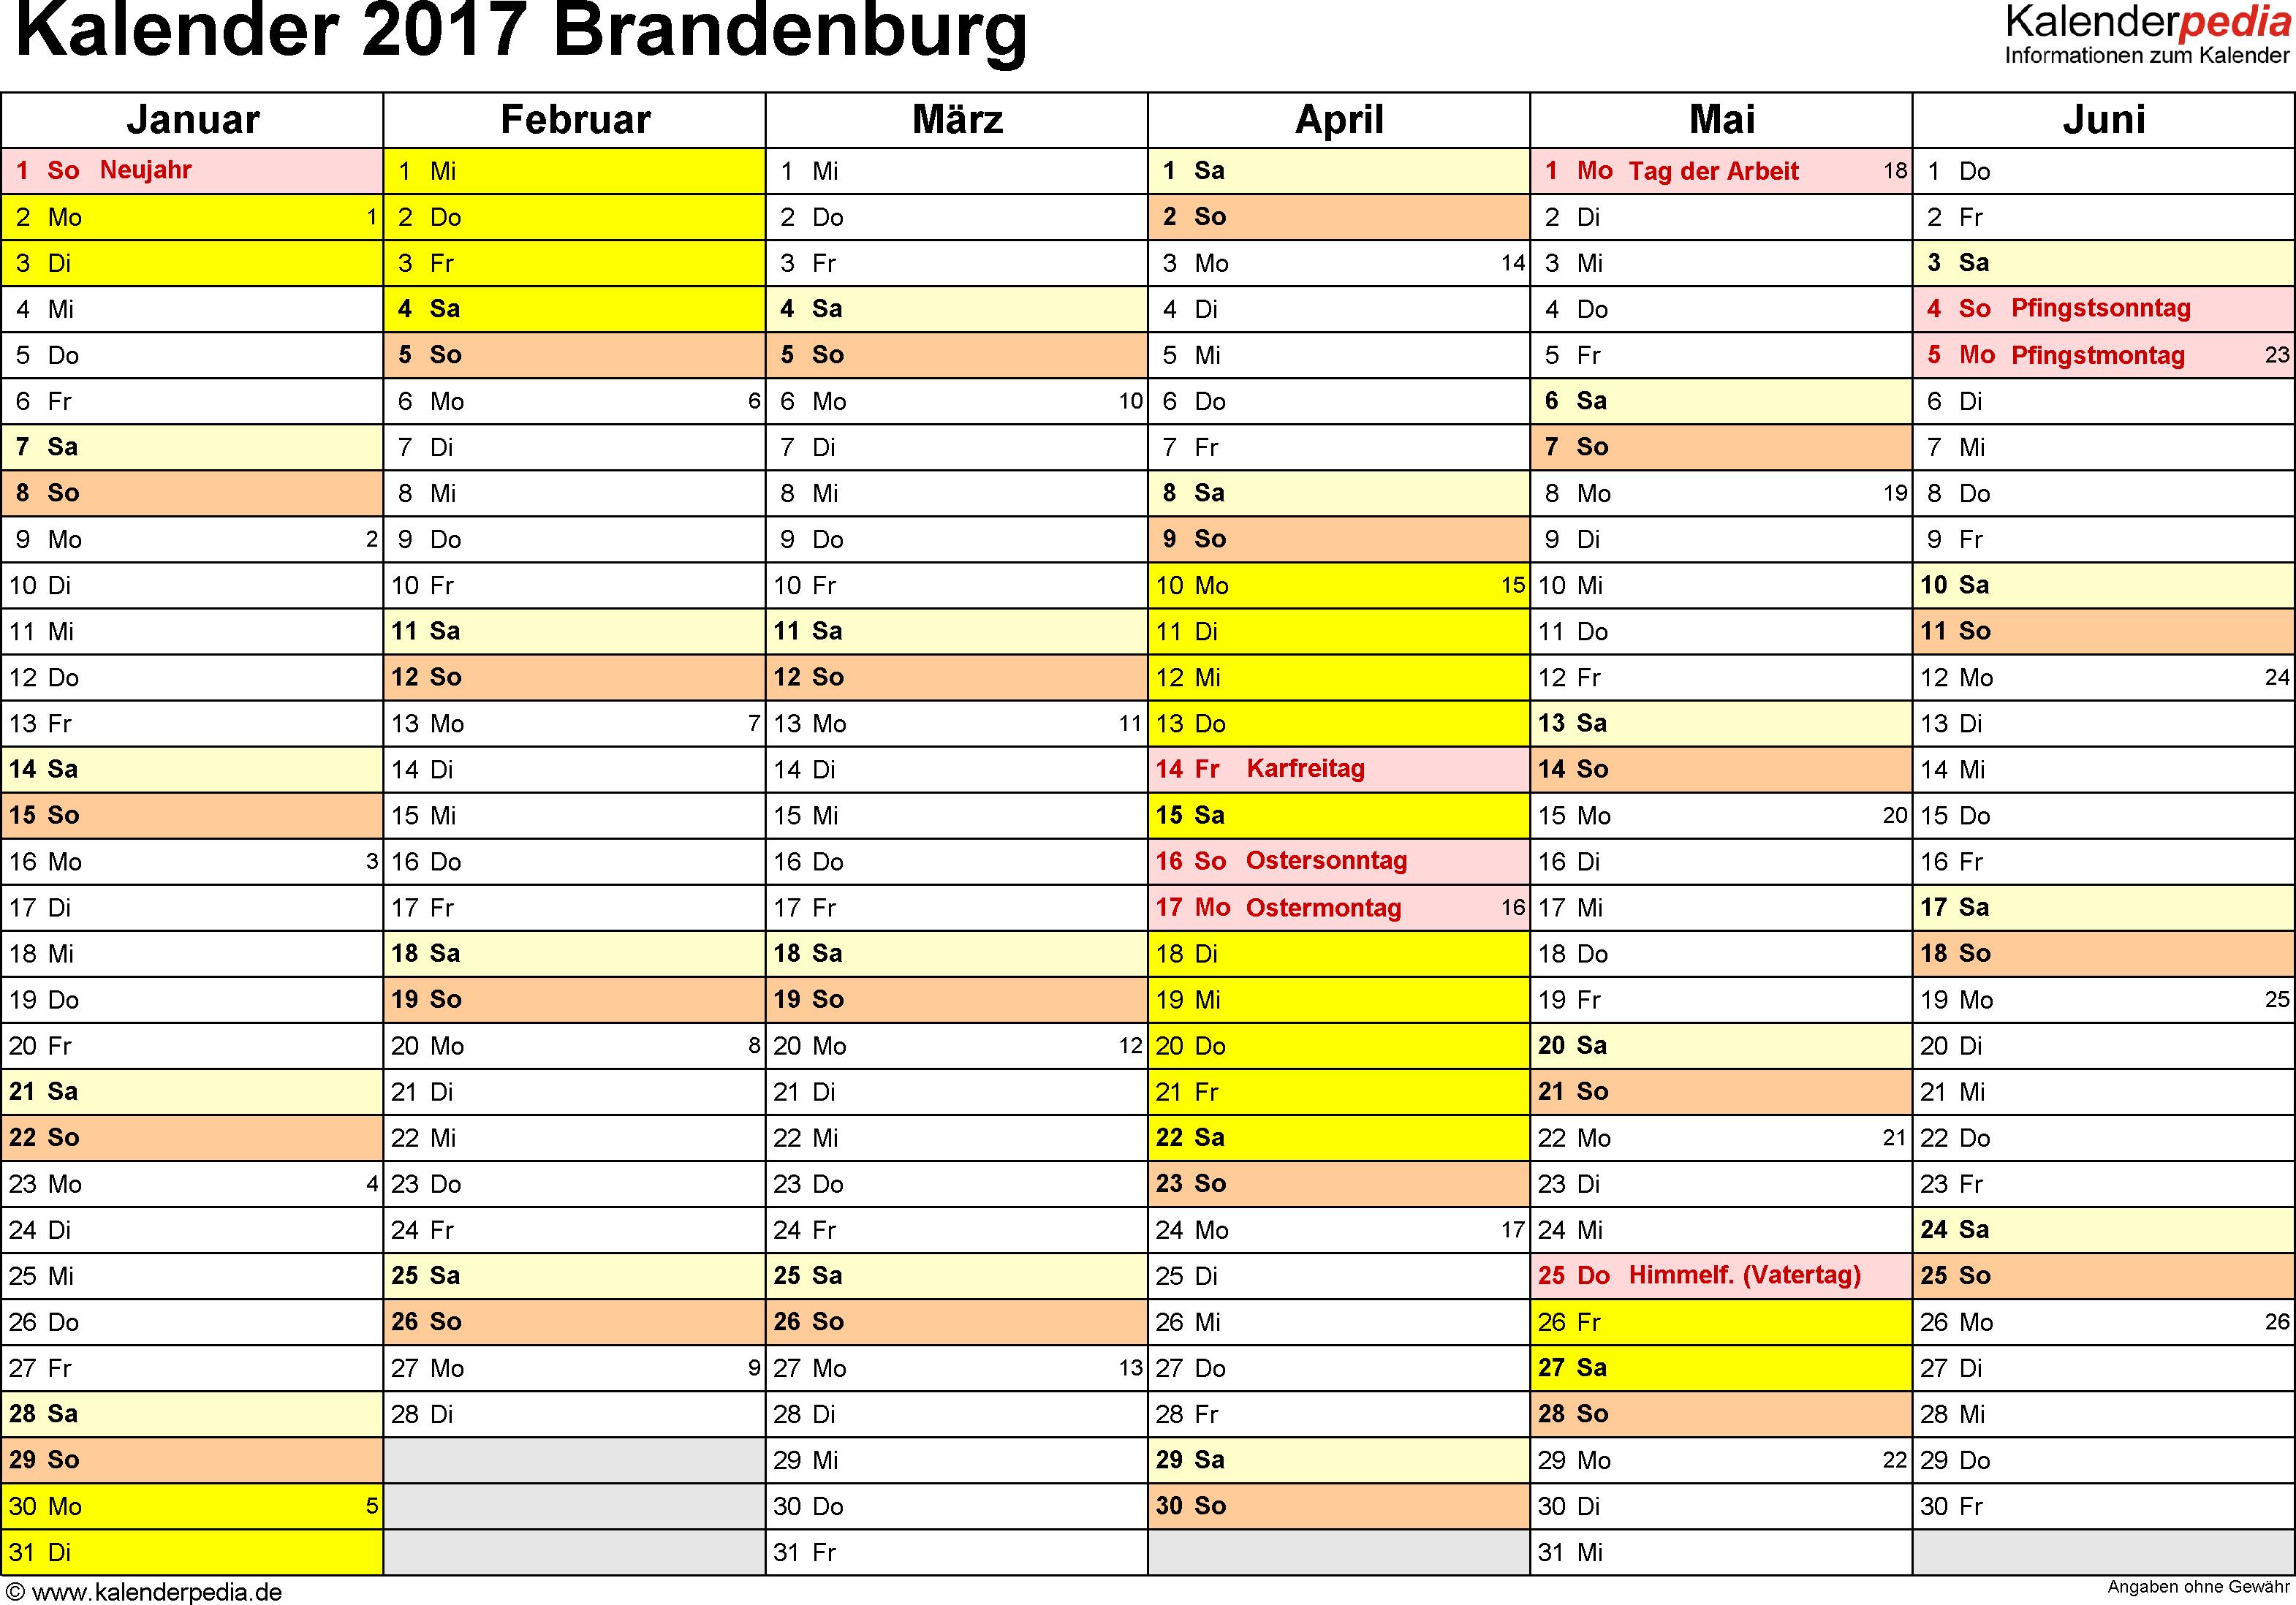 Vorlage 3: Kalender 2017 für Brandenburg als Excel-Vorlagen (Querformat, 2 Seiten)